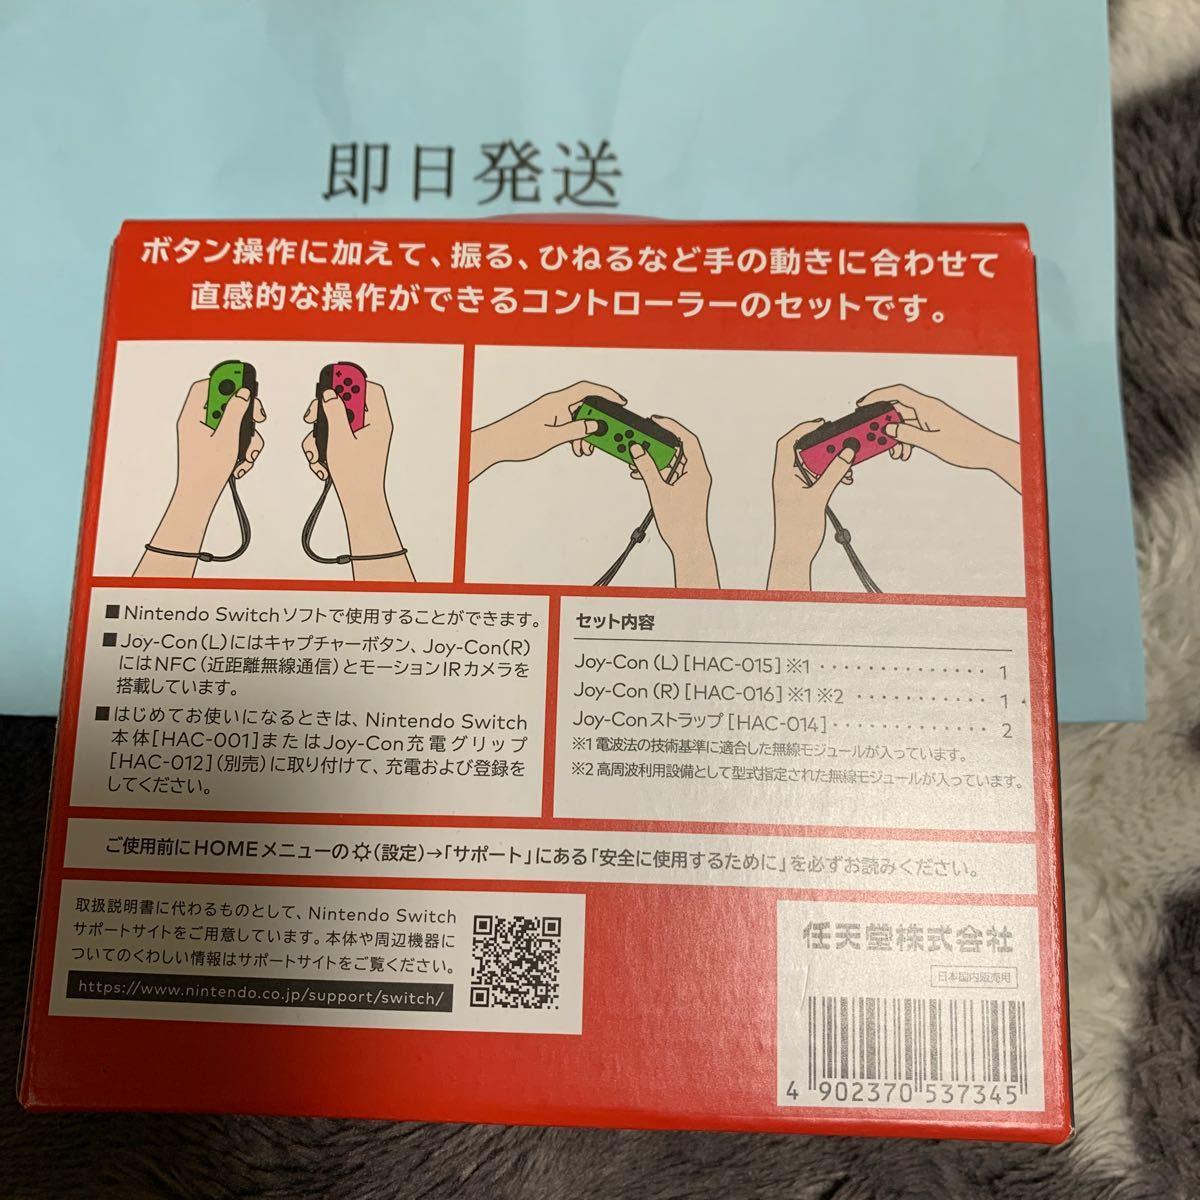 任天堂switch Joy-Con ジョイコン ネオングリーン ネオンピンク 新品 未使用